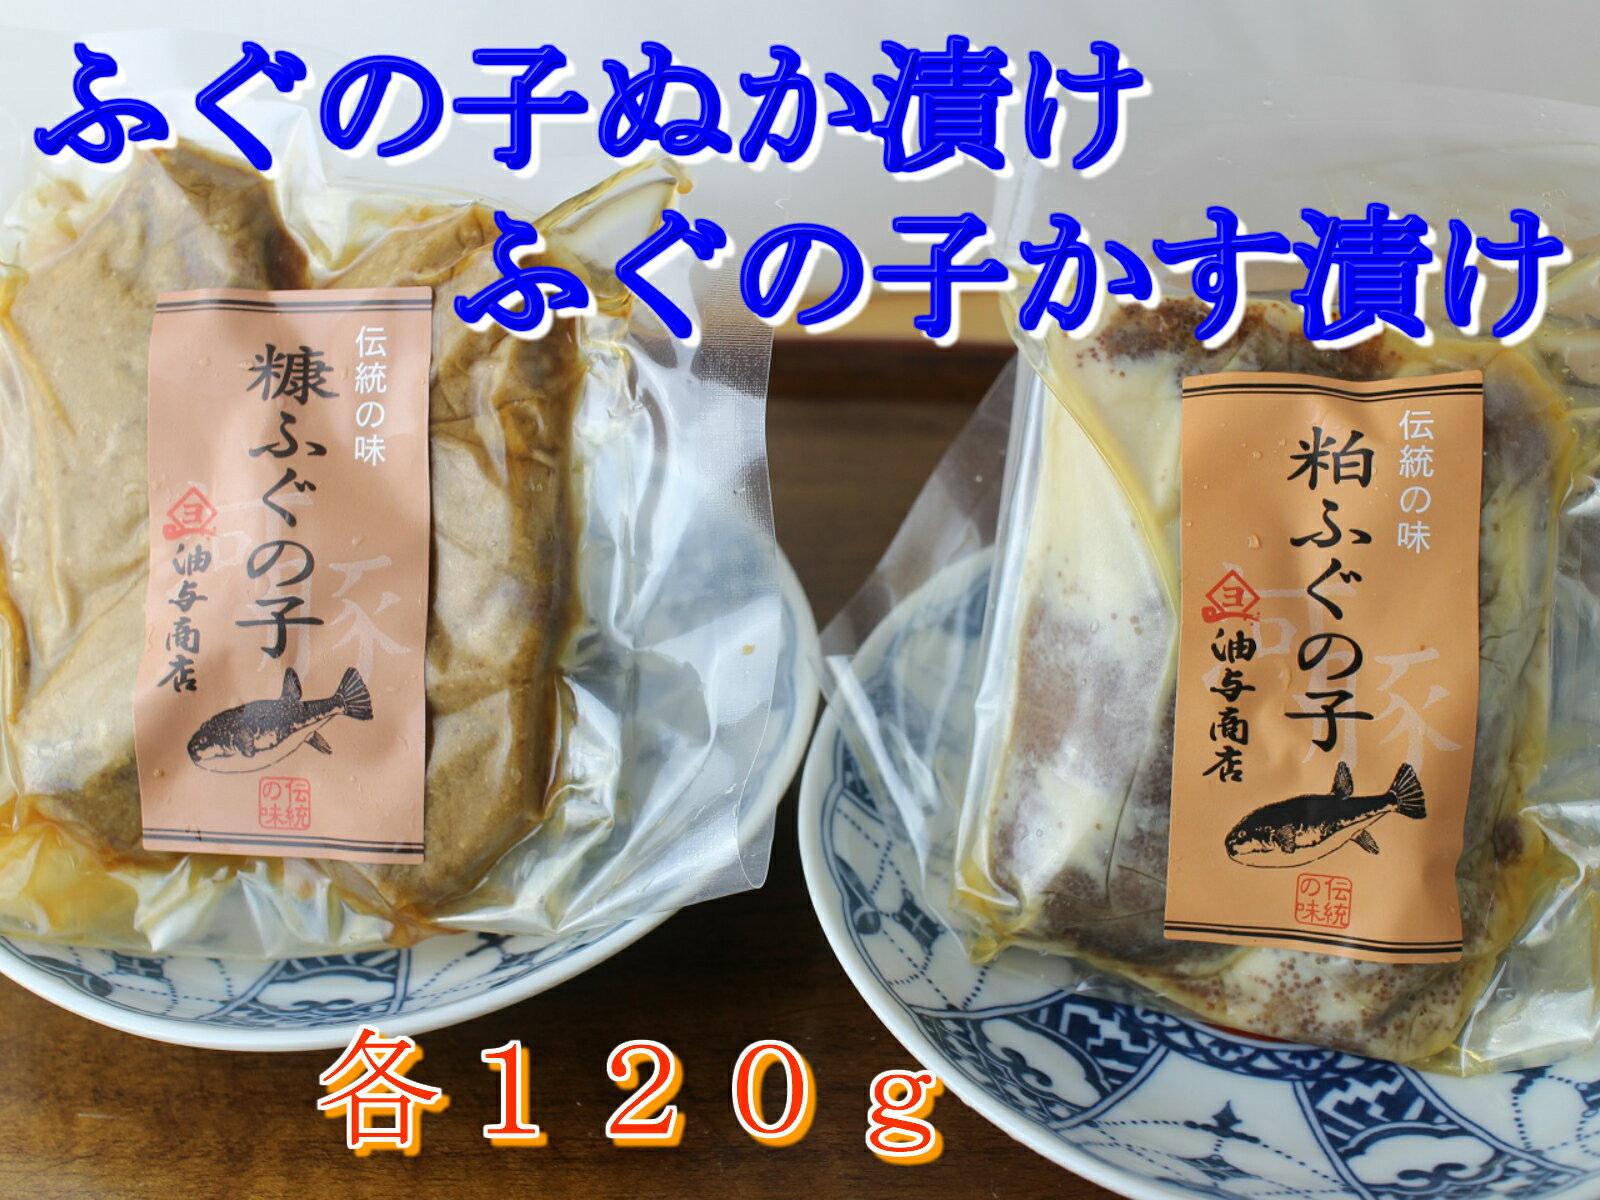 【送料無料】金沢の珍味 糠ふぐの子2パック+粕ふぐの子1パック ミックス購入(120g真空袋入) ふぐ 海鮮 珍味 おつまみ 日本酒 酒の肴 ごはんのおとも 金沢おみやげ 卵巣 石川県 金沢市